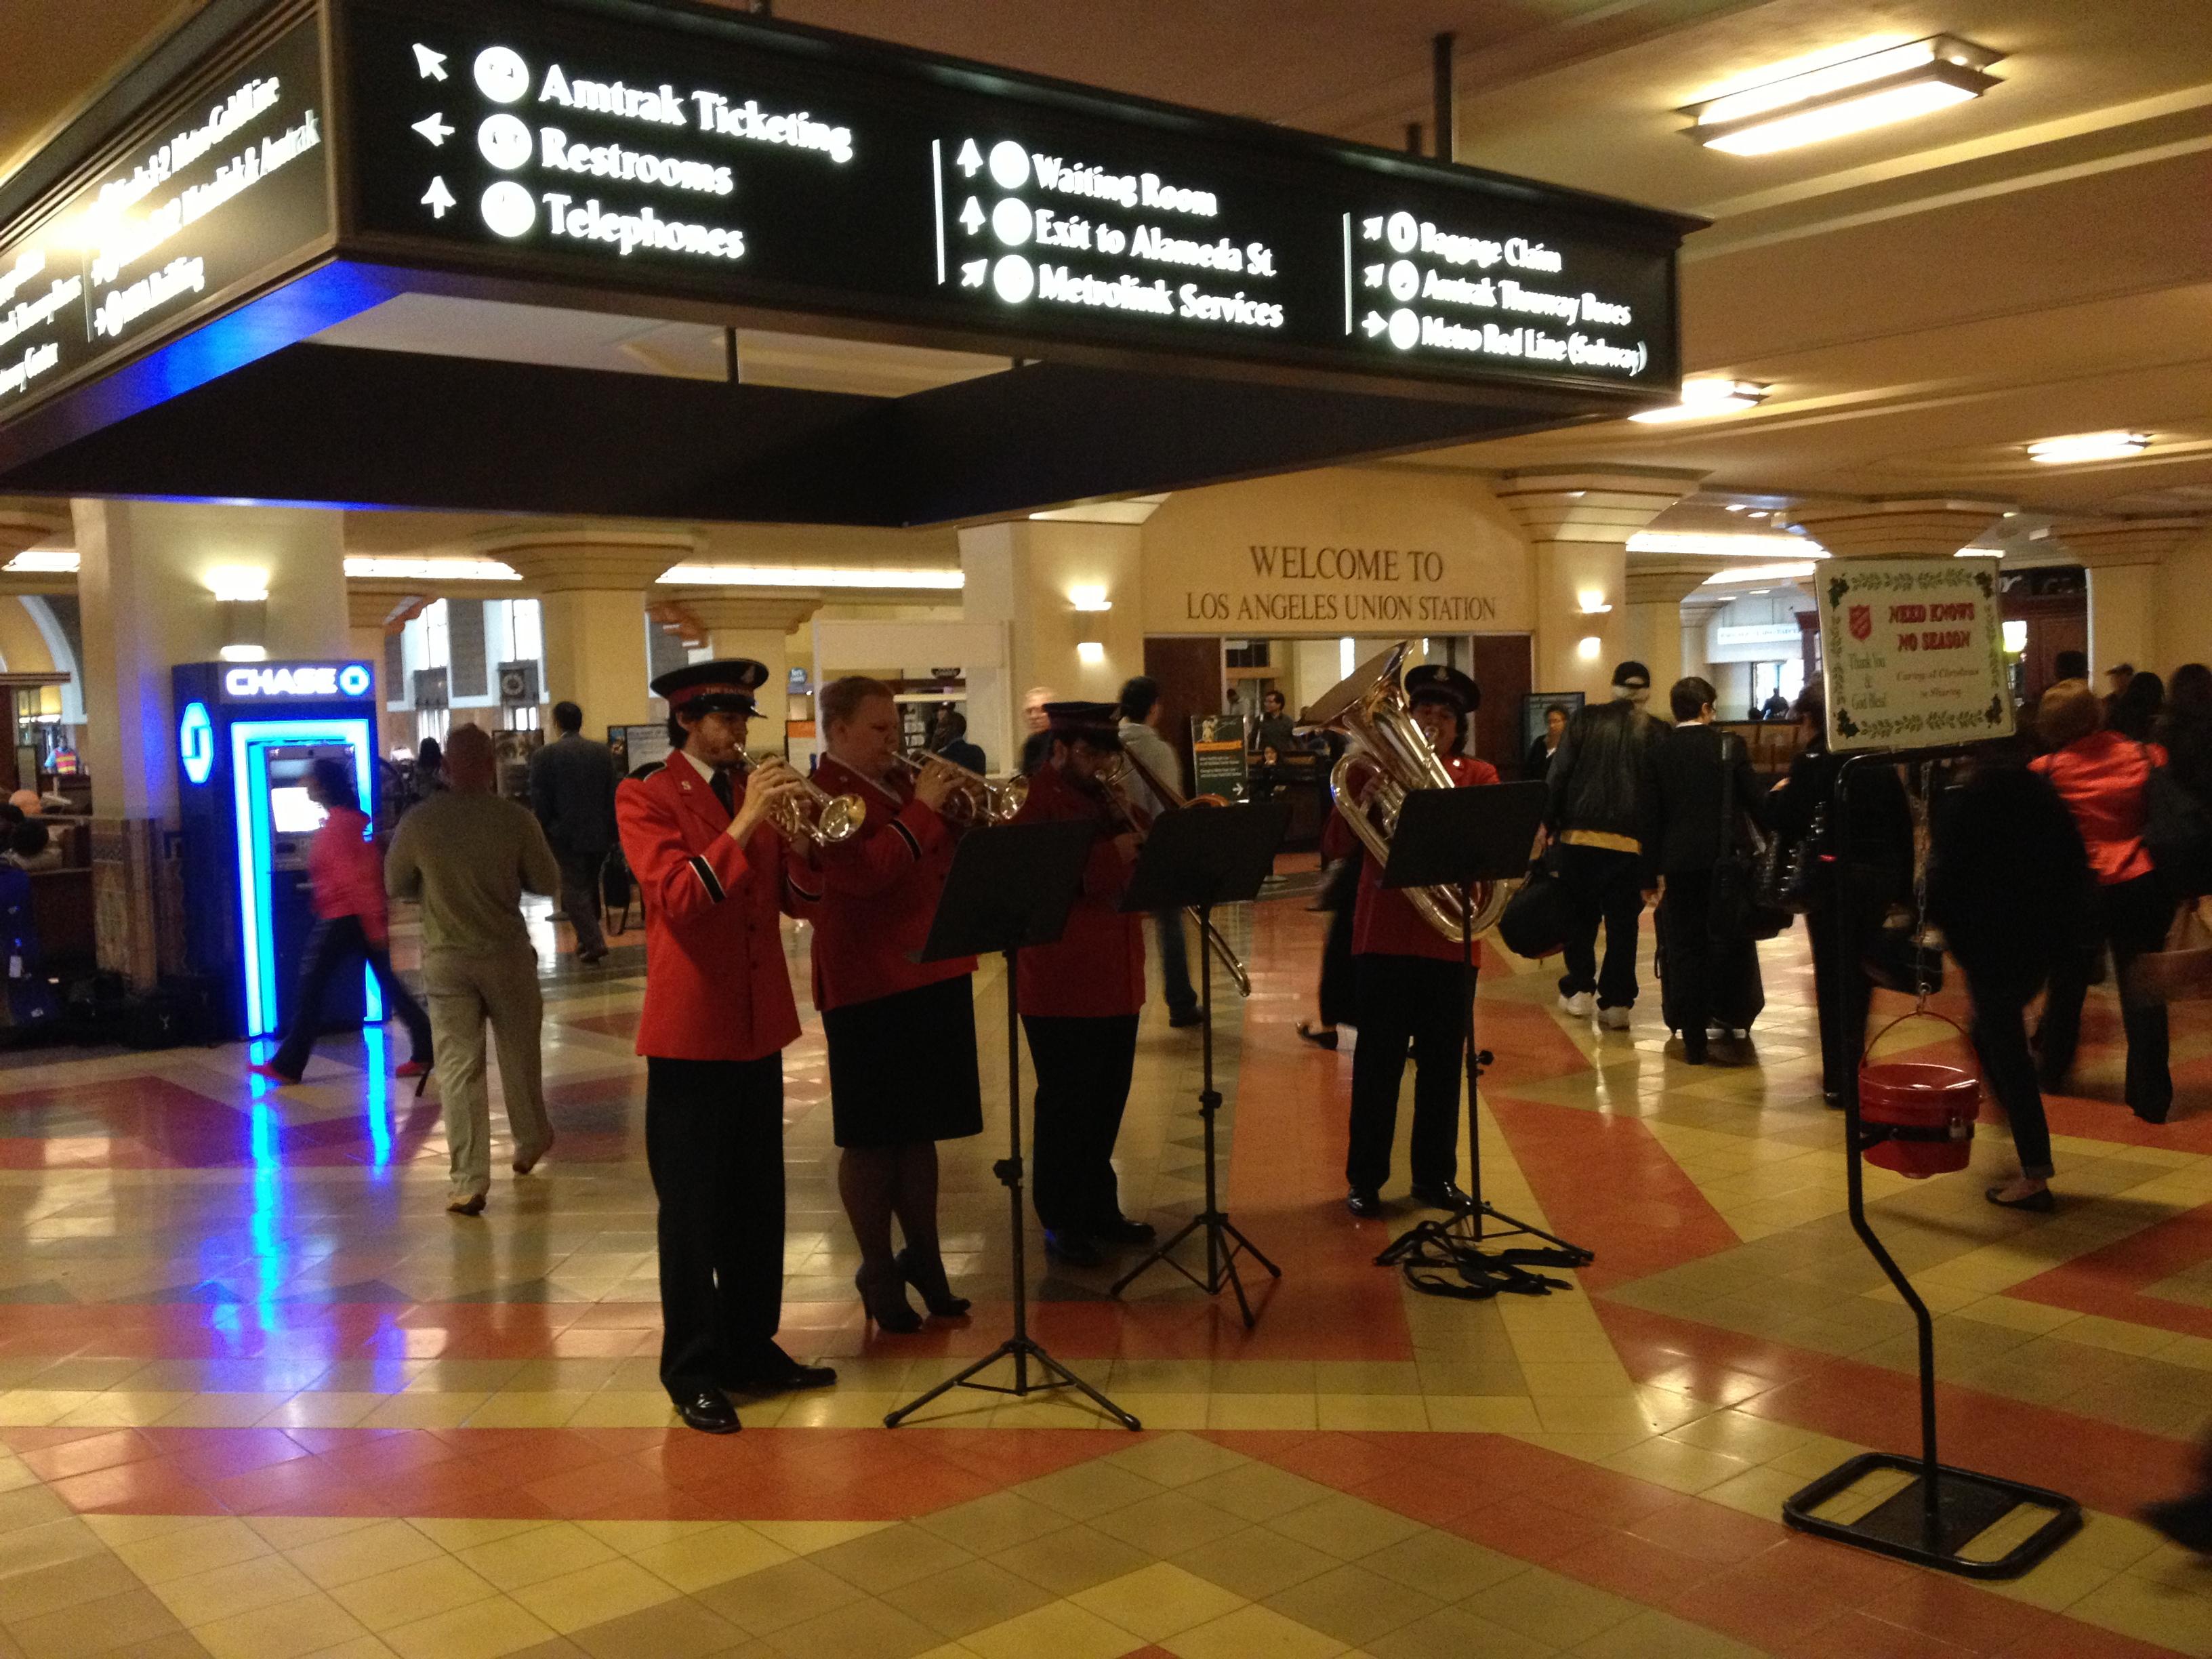 Las melodías tradicionales de la época navideña deleitan a los usuarios de Union Station durante las horas pico de la mañana y la tarde. (Foto José  Ubaldo/El Pasajero).